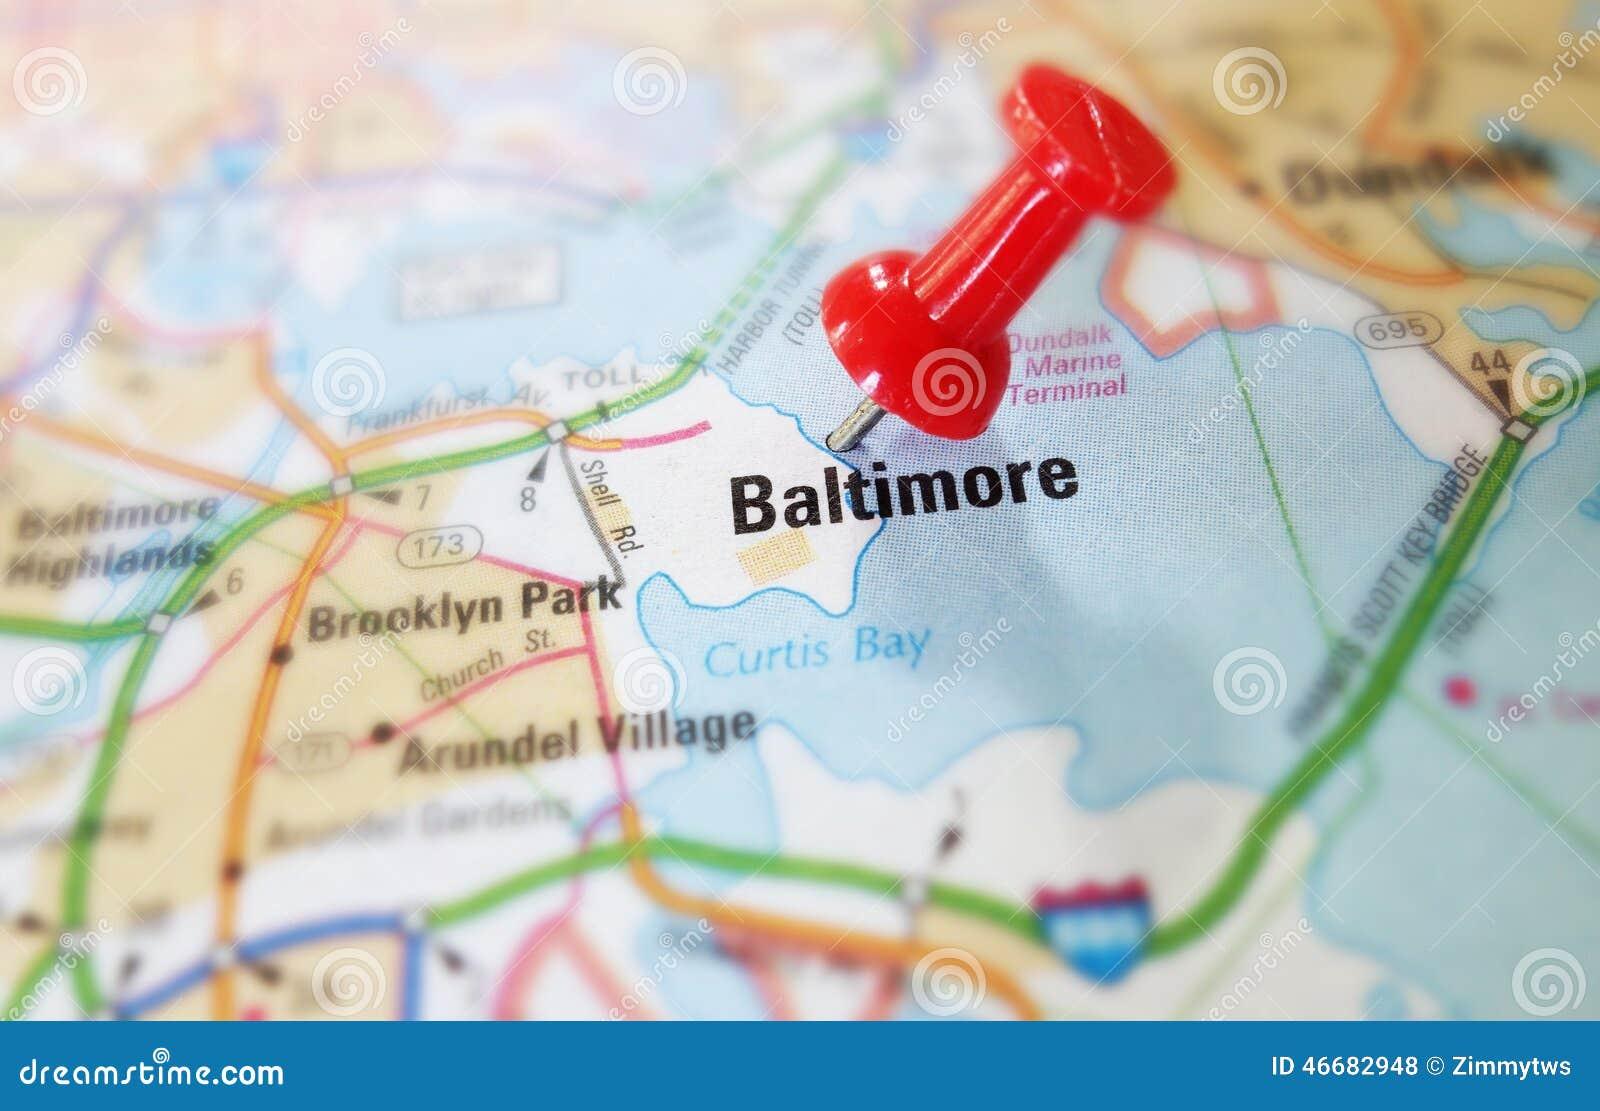 Aderência de Baltimore